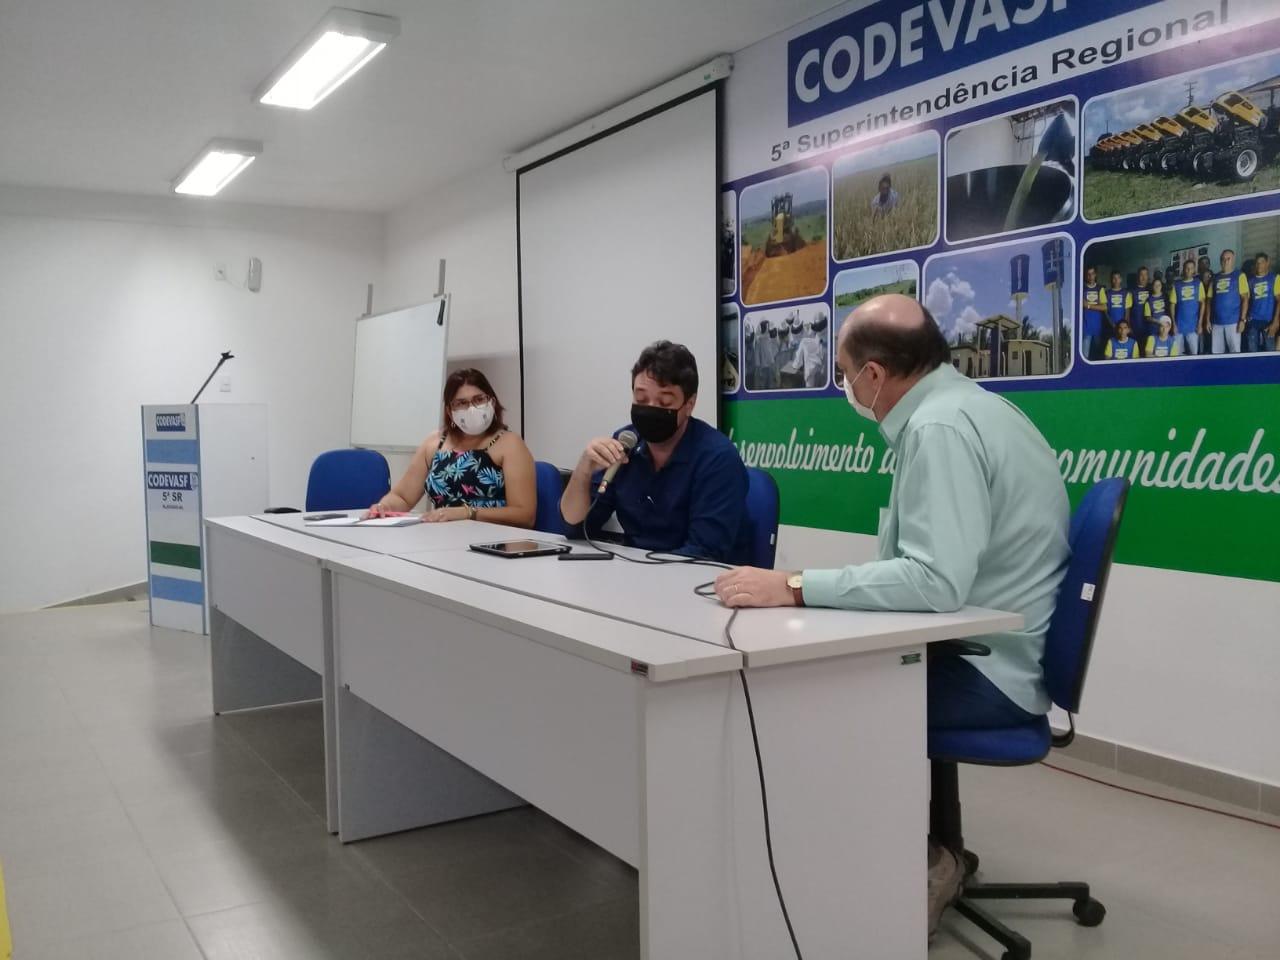 Codevasf e Ufal indicam parceria para projetos técnico-científicos